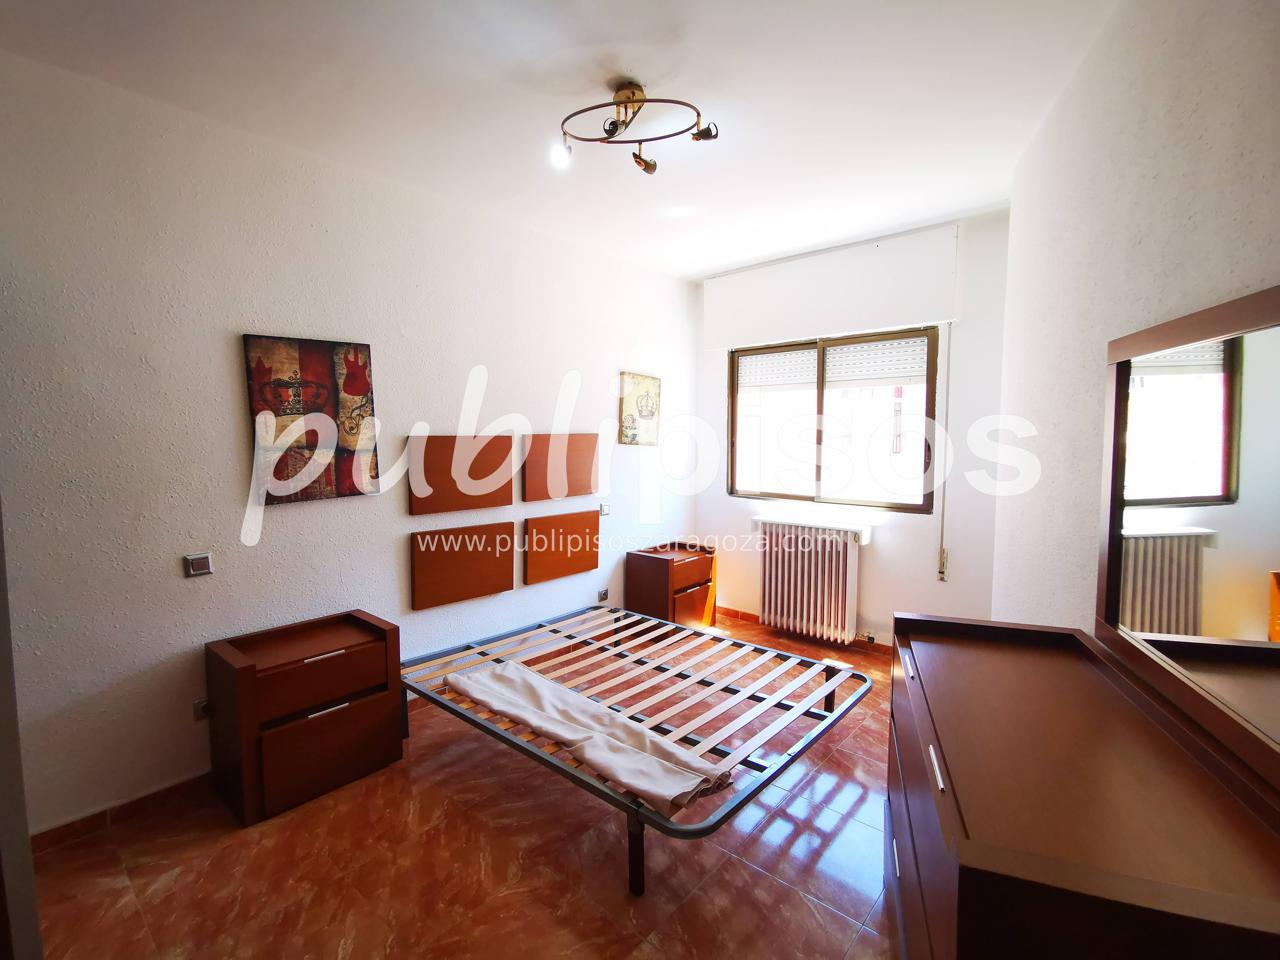 Piso grande de alquiler Arrabal Zaragoza-26